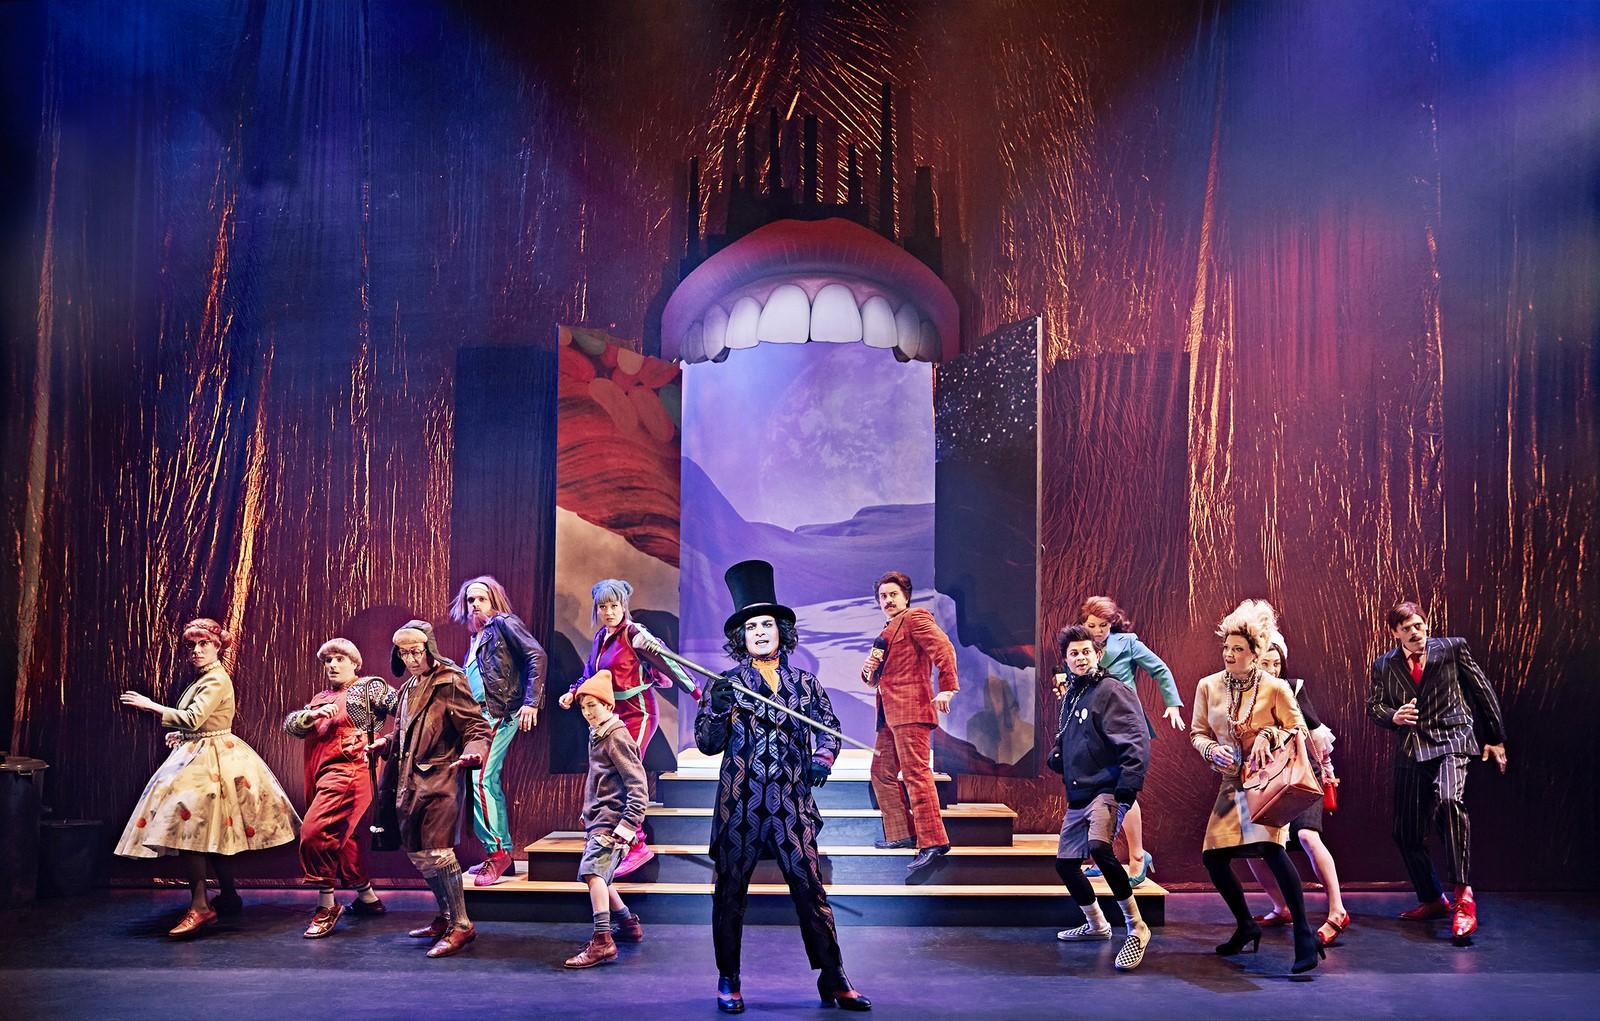 Anmeldelse: Charlie og Chokoladefabrikken, Aarhus Teater (Aarhus Teater og Østre Gasværk Teater)